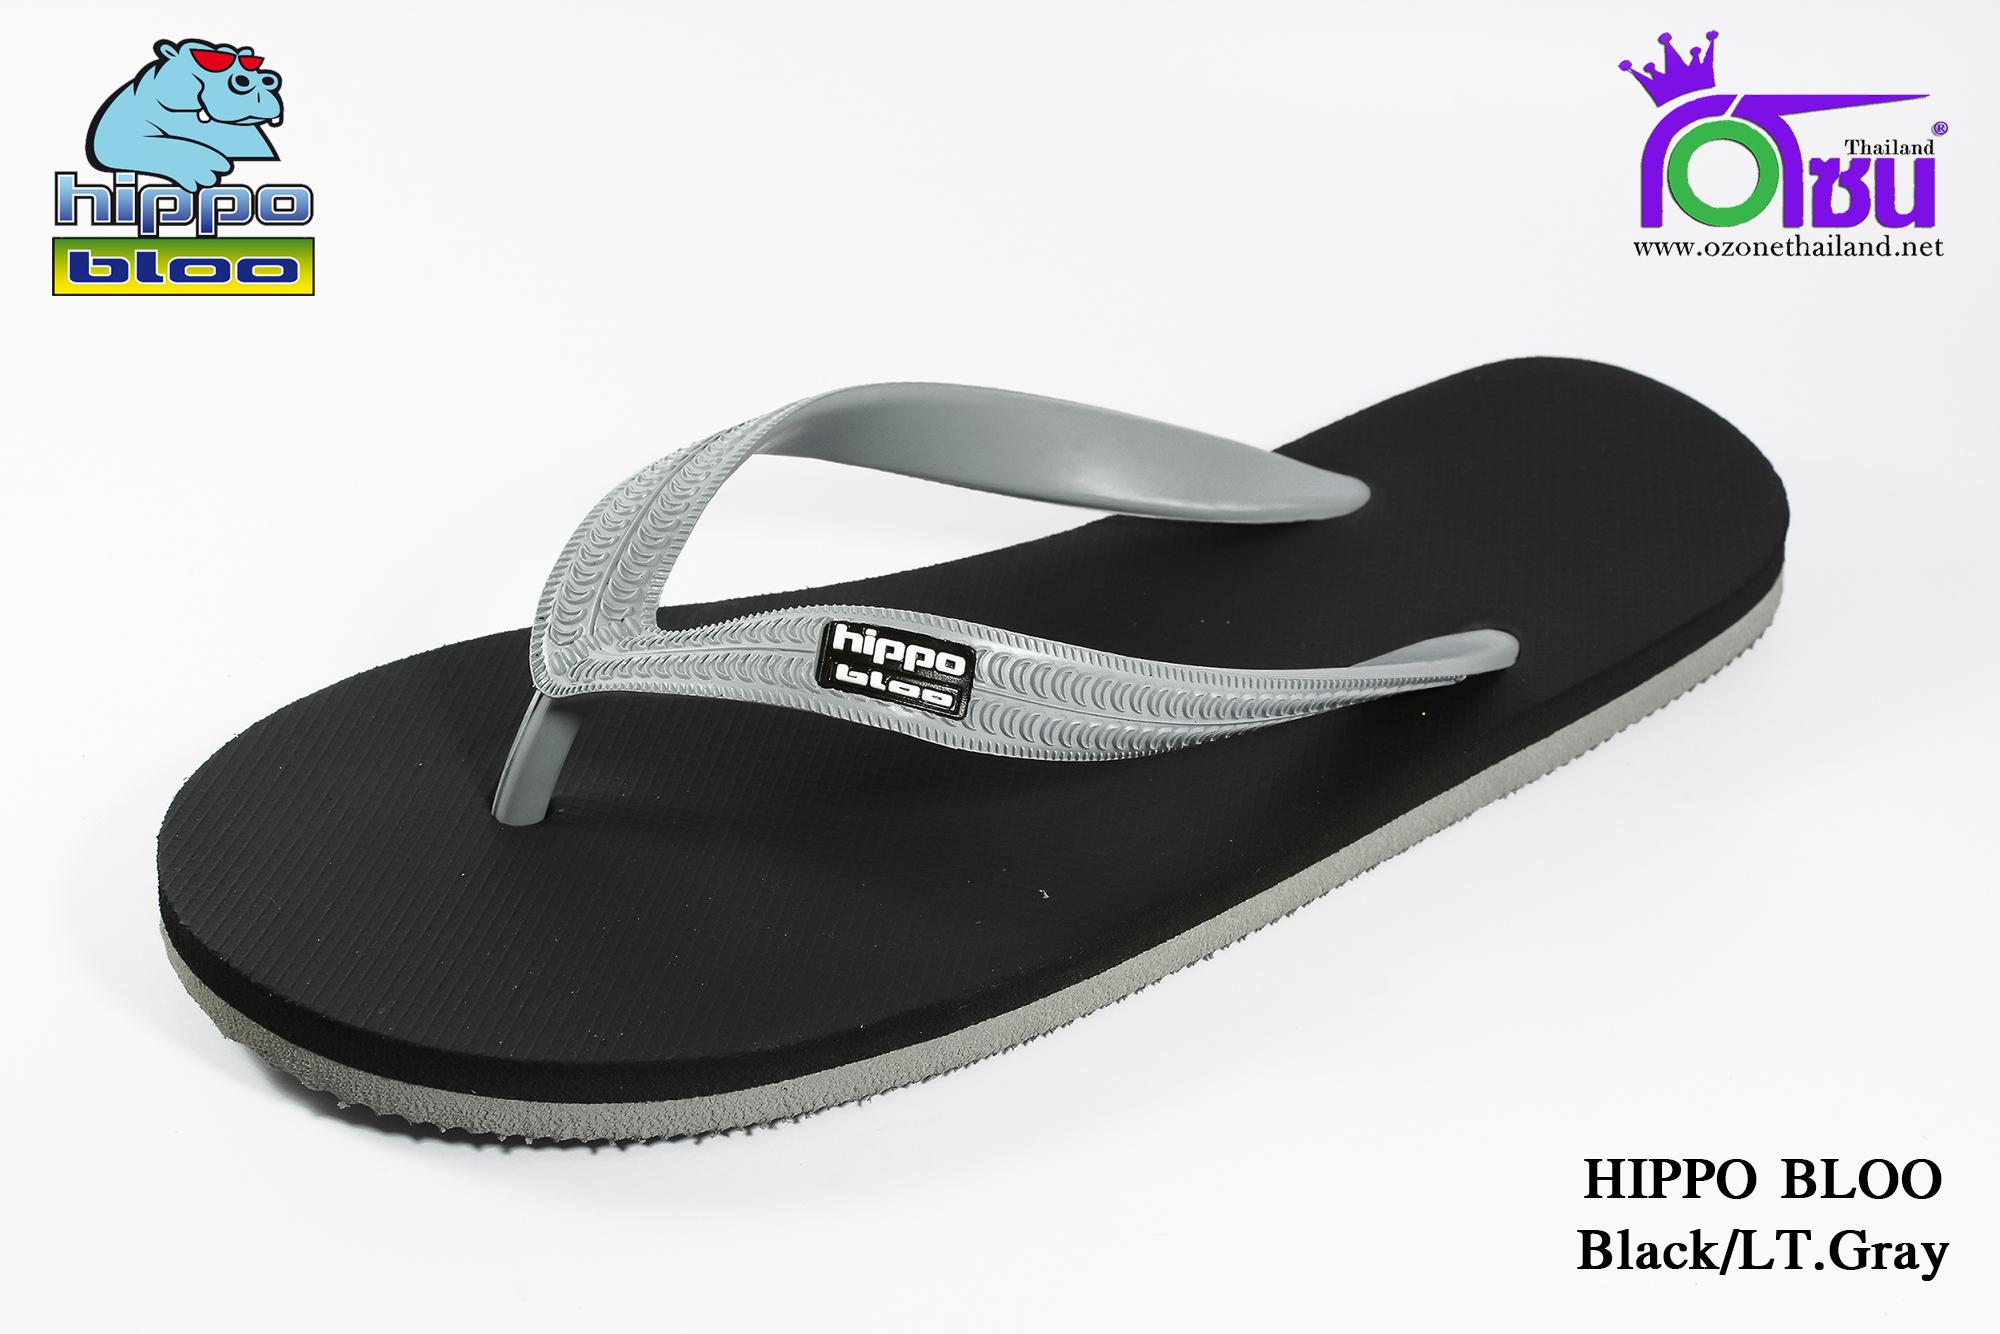 รองเท้าแตะ Hippo Bloo ฮิปโป บลู สีเทาดำ เบอร์ 9,9.5,10,10.5,11,12,13